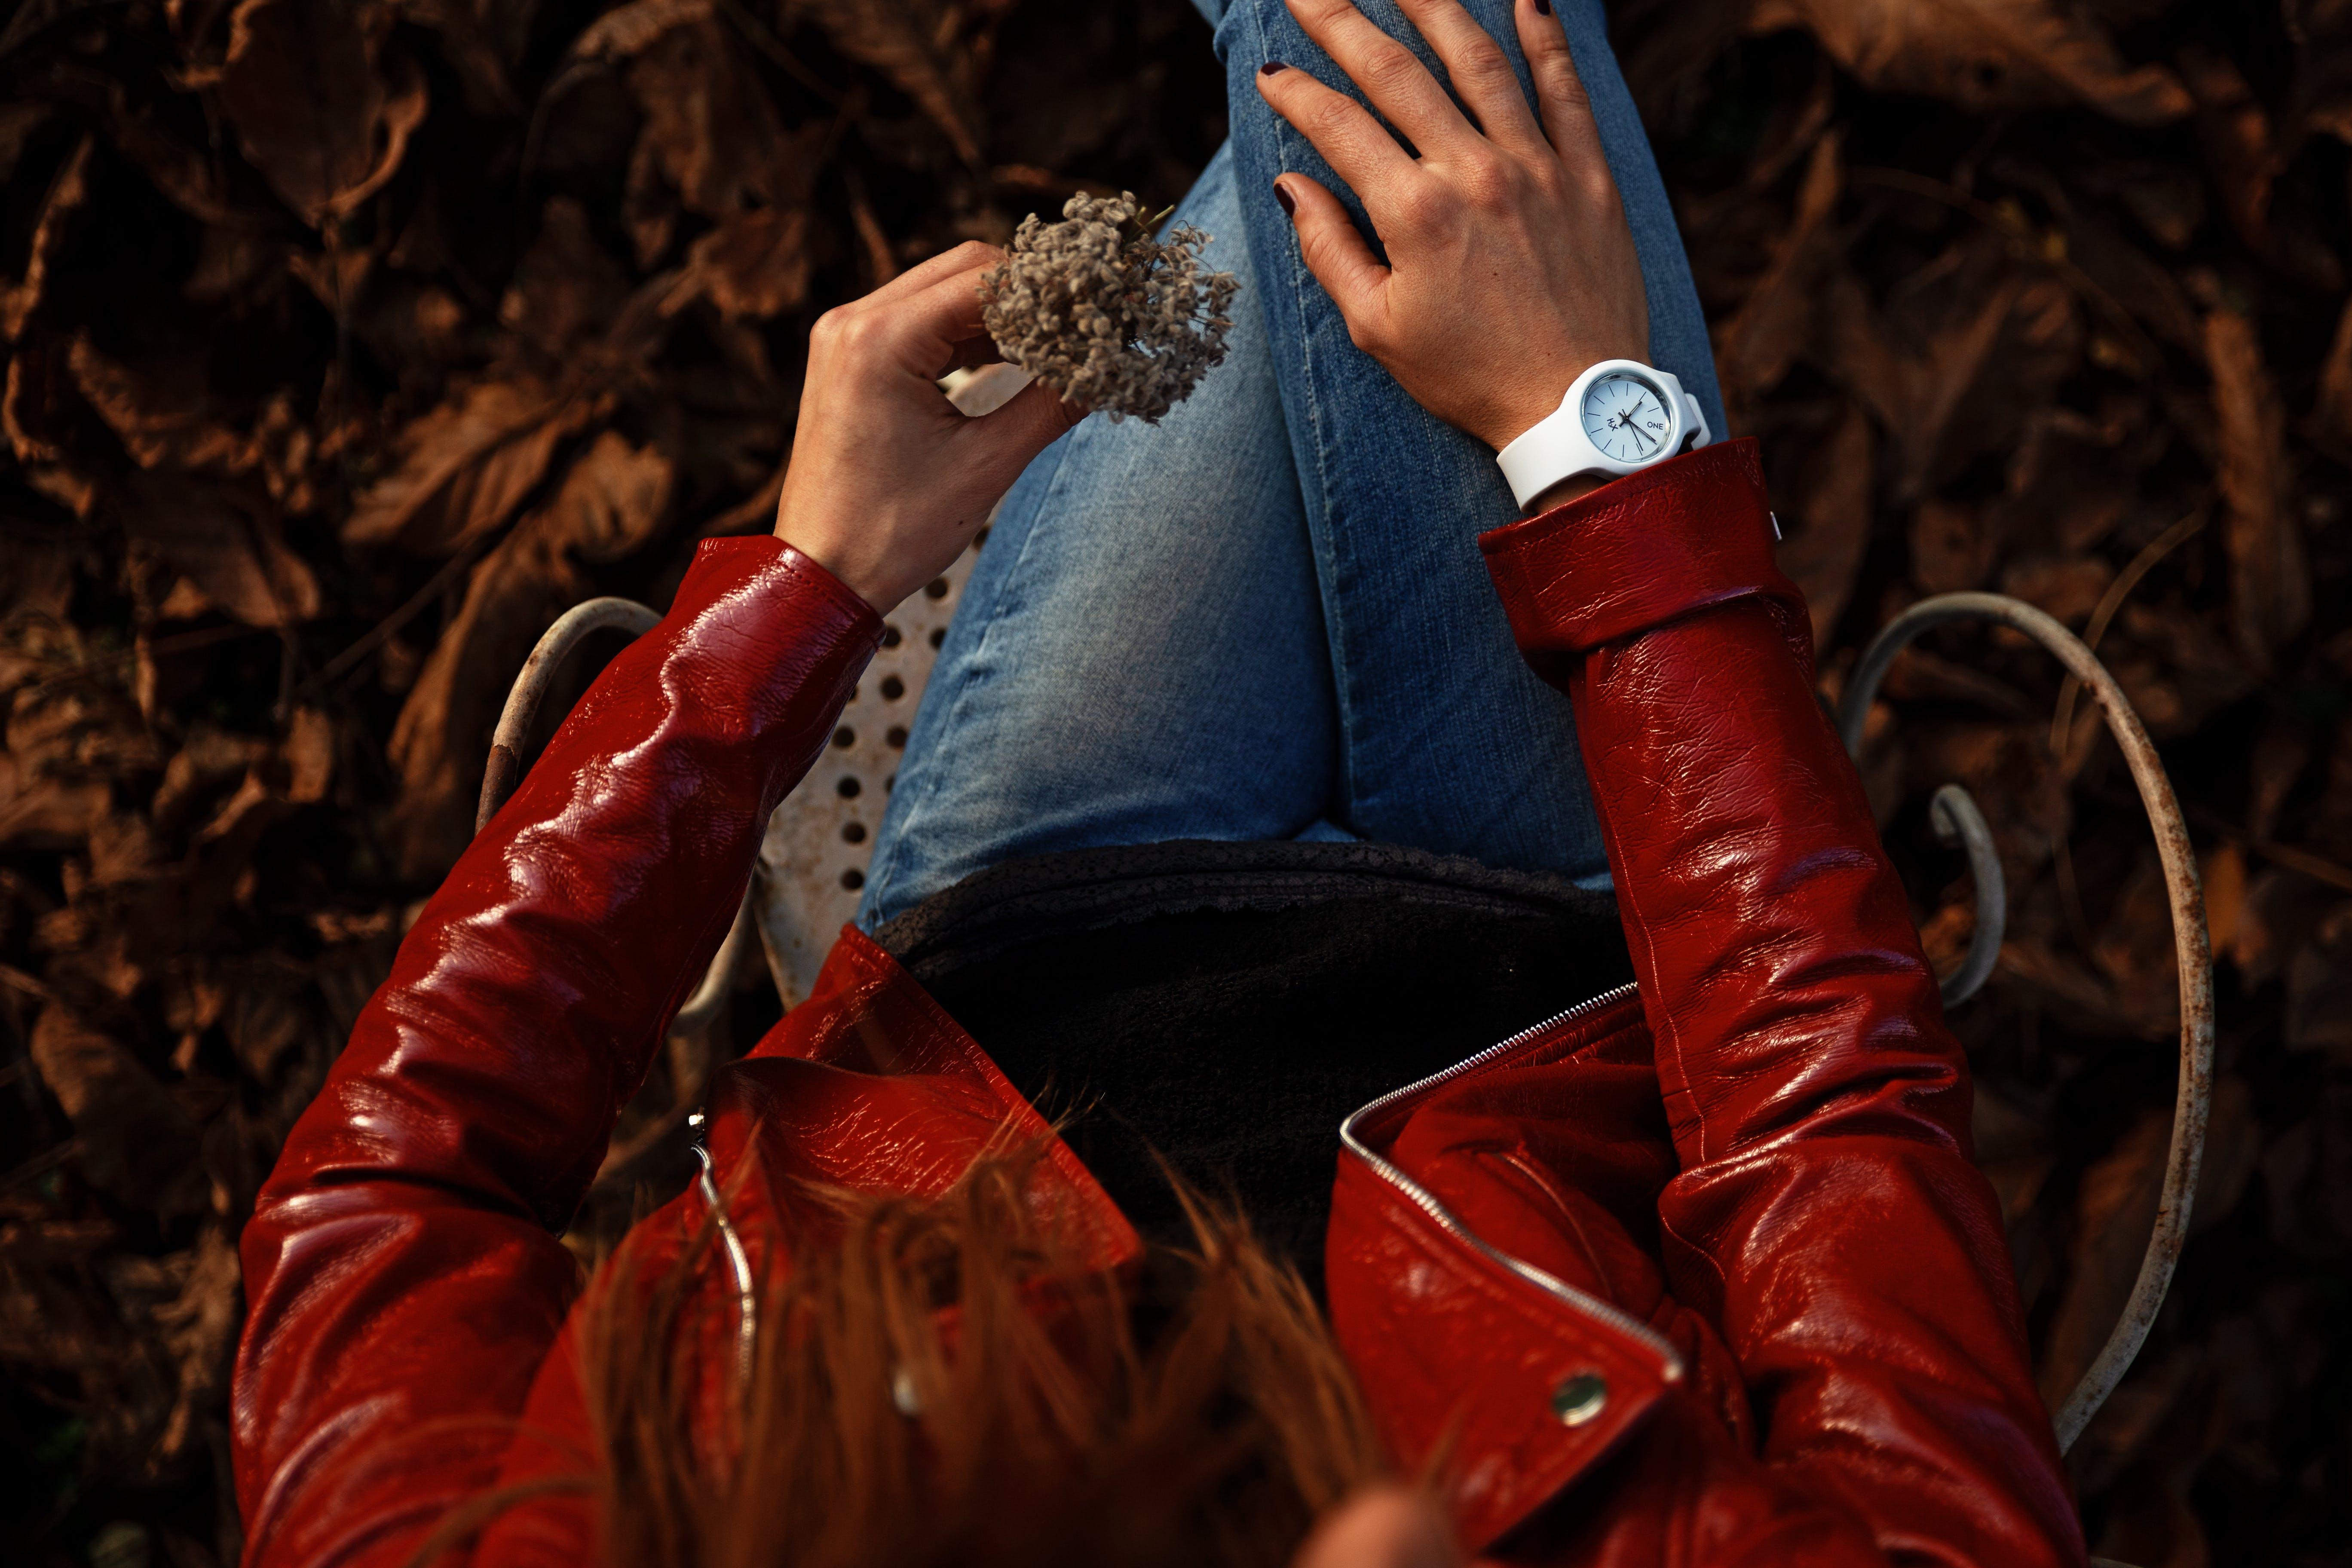 Kostenloses Stock Foto zu armbanduhr, frau, hände, kleidung